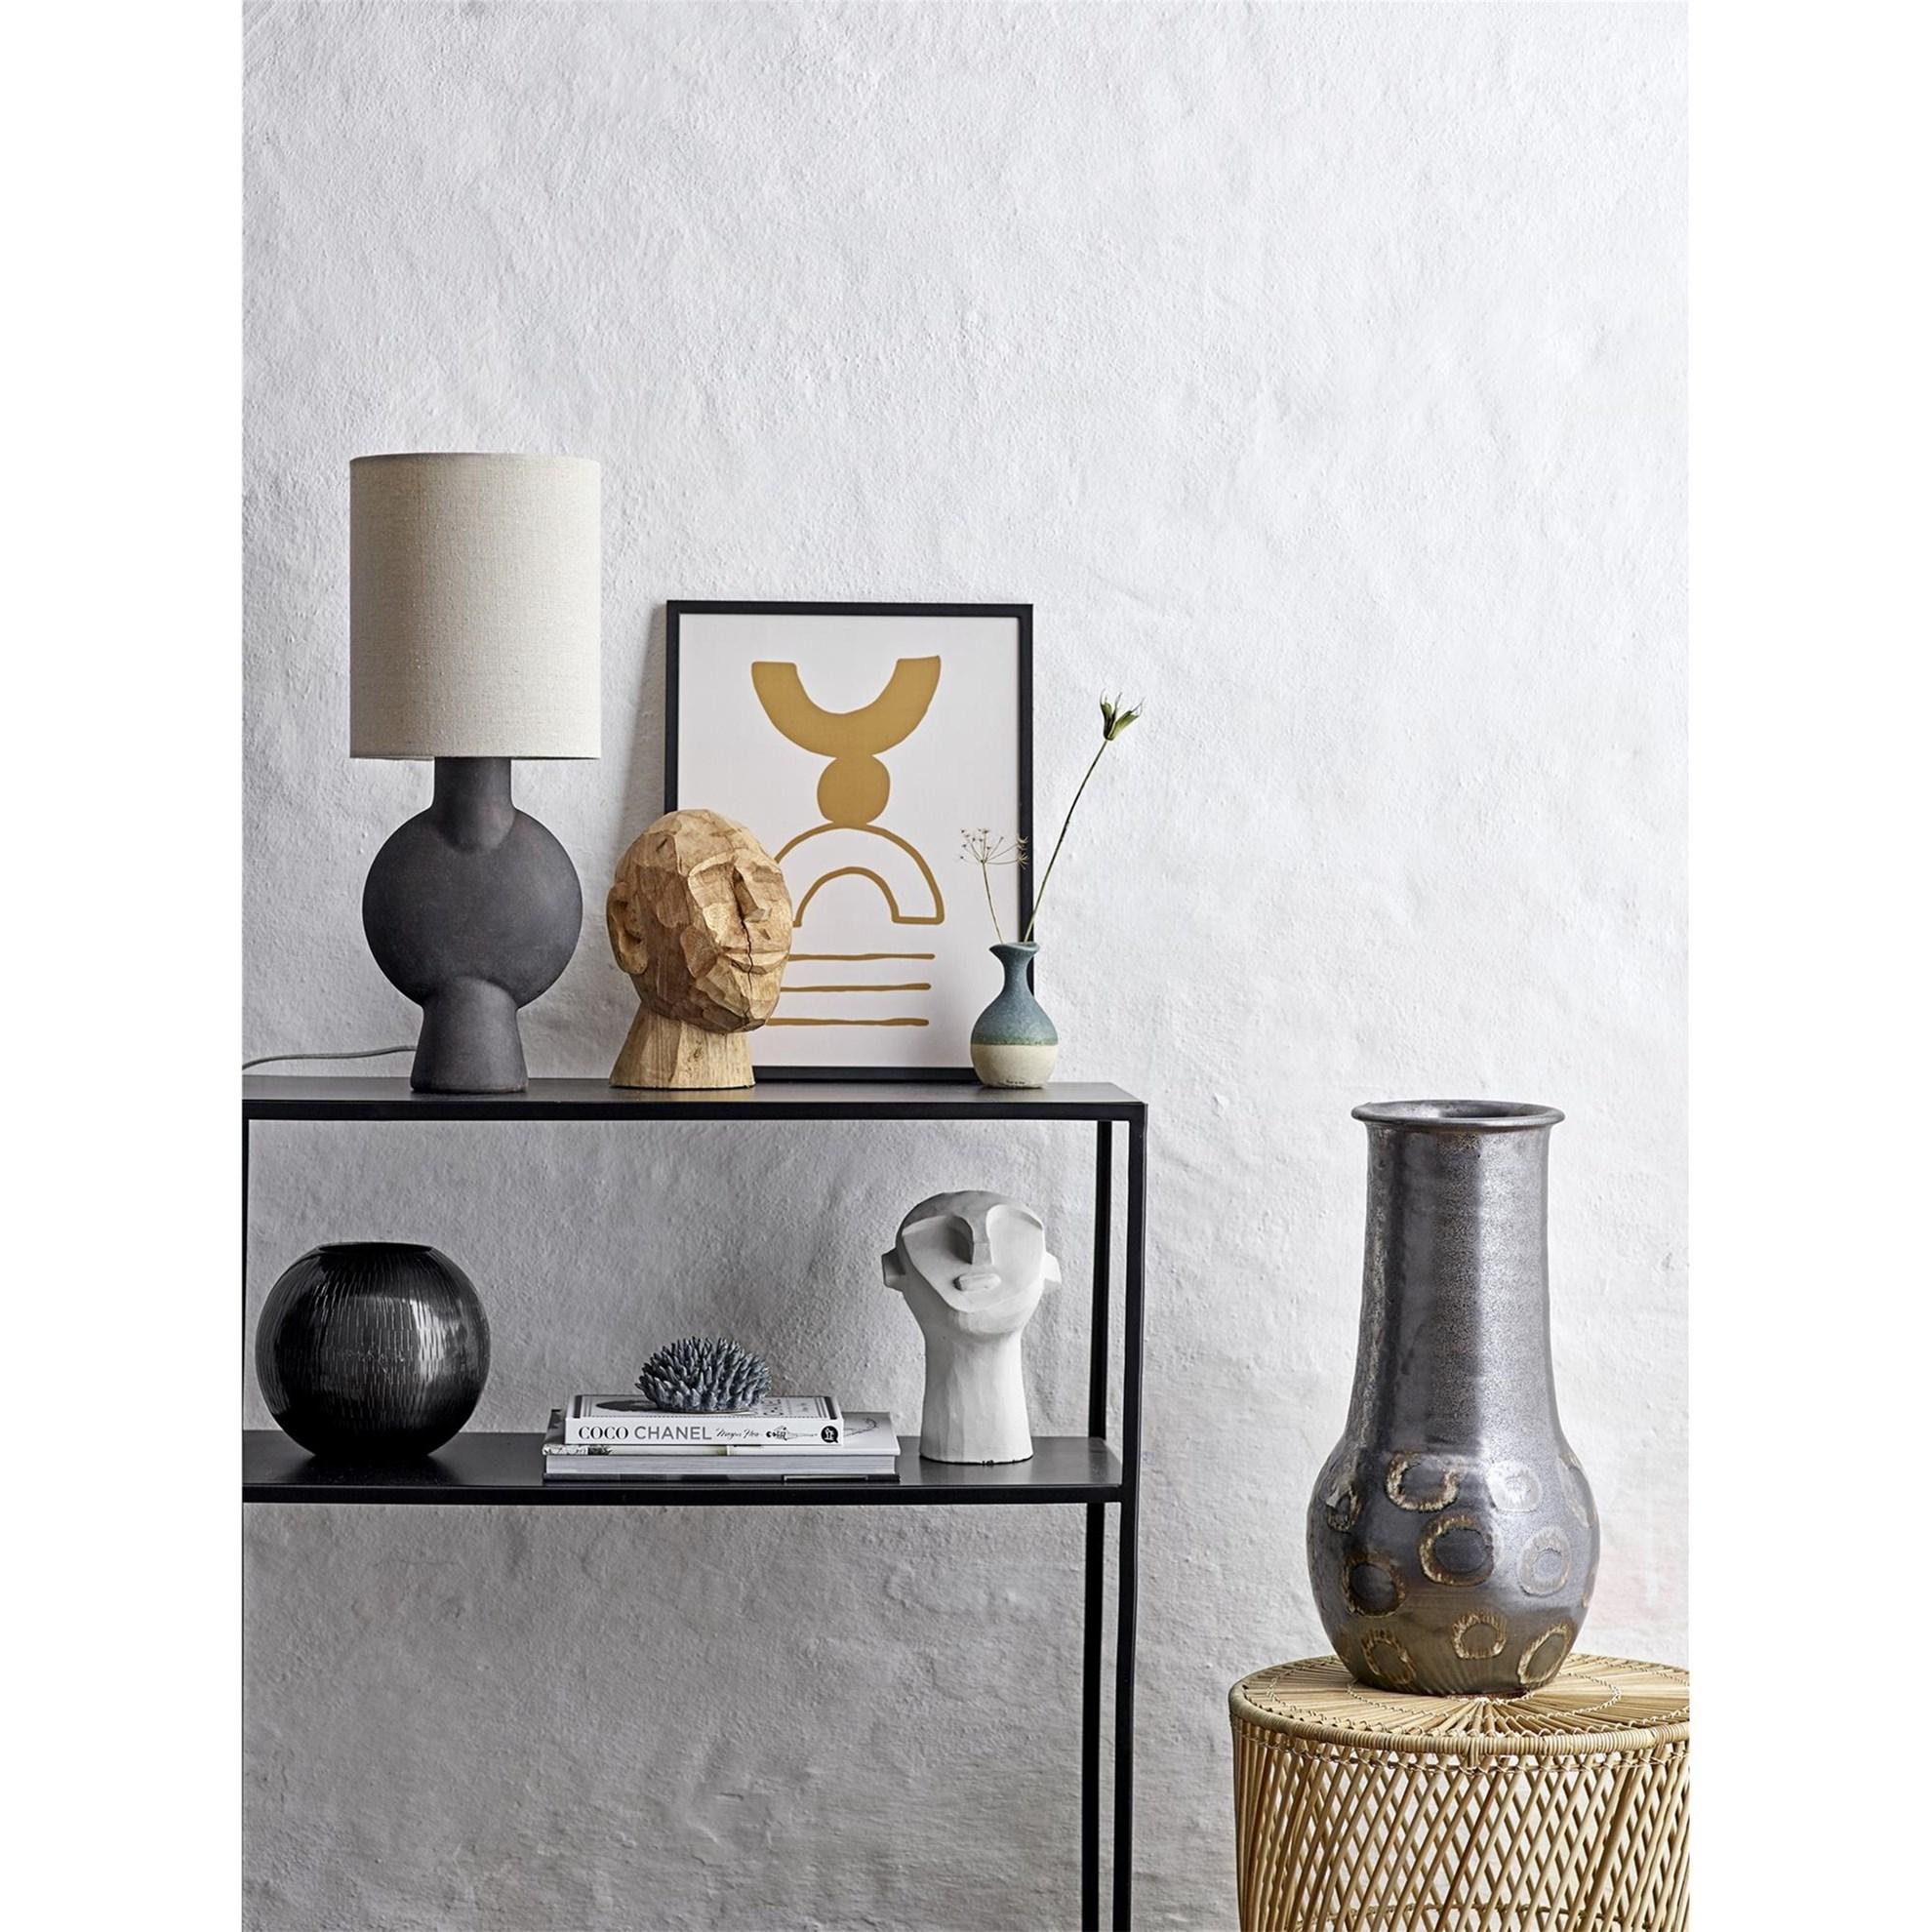 Dekorace do bytu - dřevěná socha, 24 cm_2